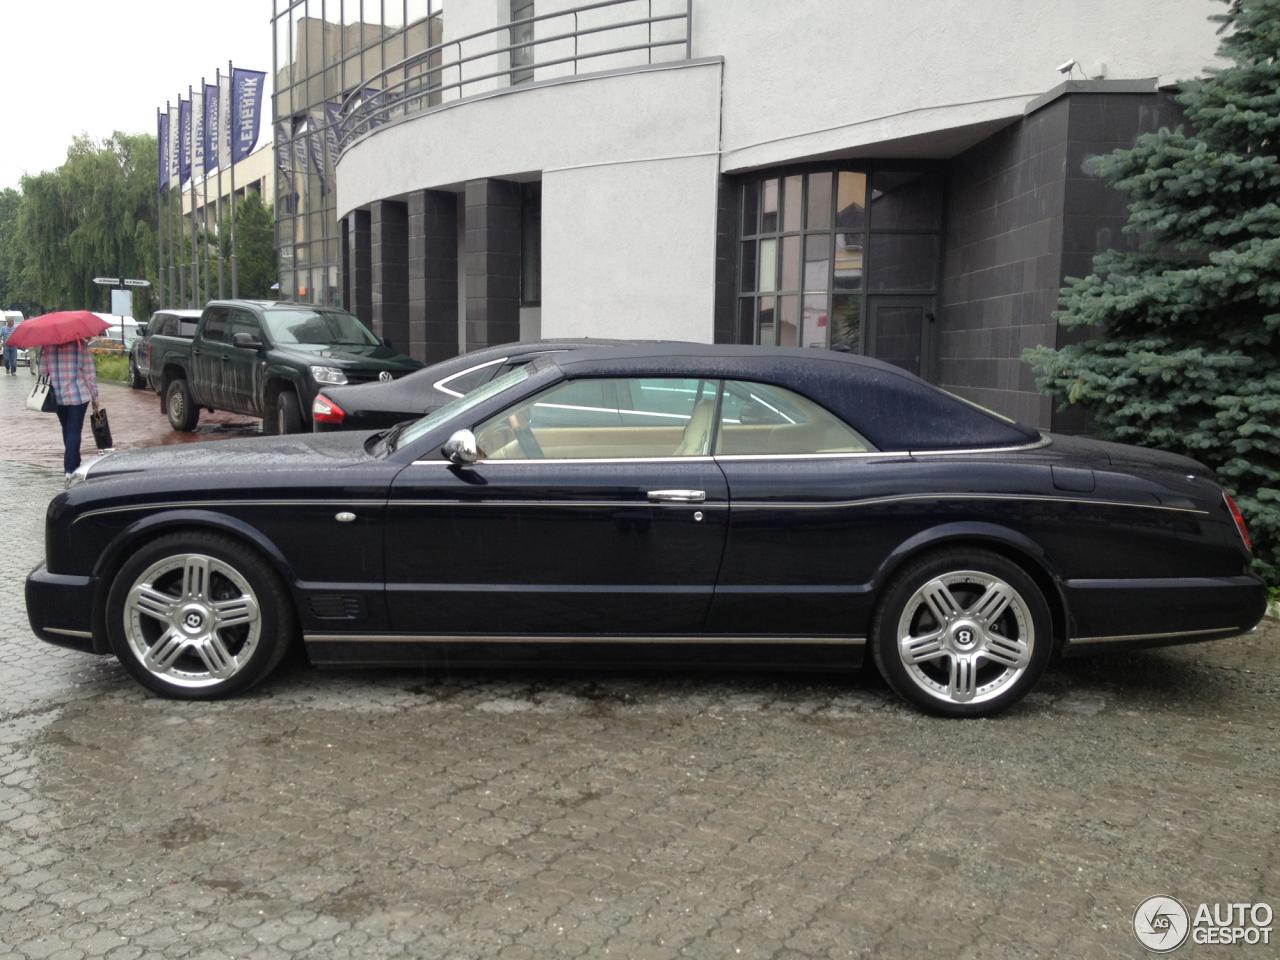 Bentley brooklands 2008 27 june 2015 autogespot 3 i bentley brooklands 2008 3 vanachro Choice Image